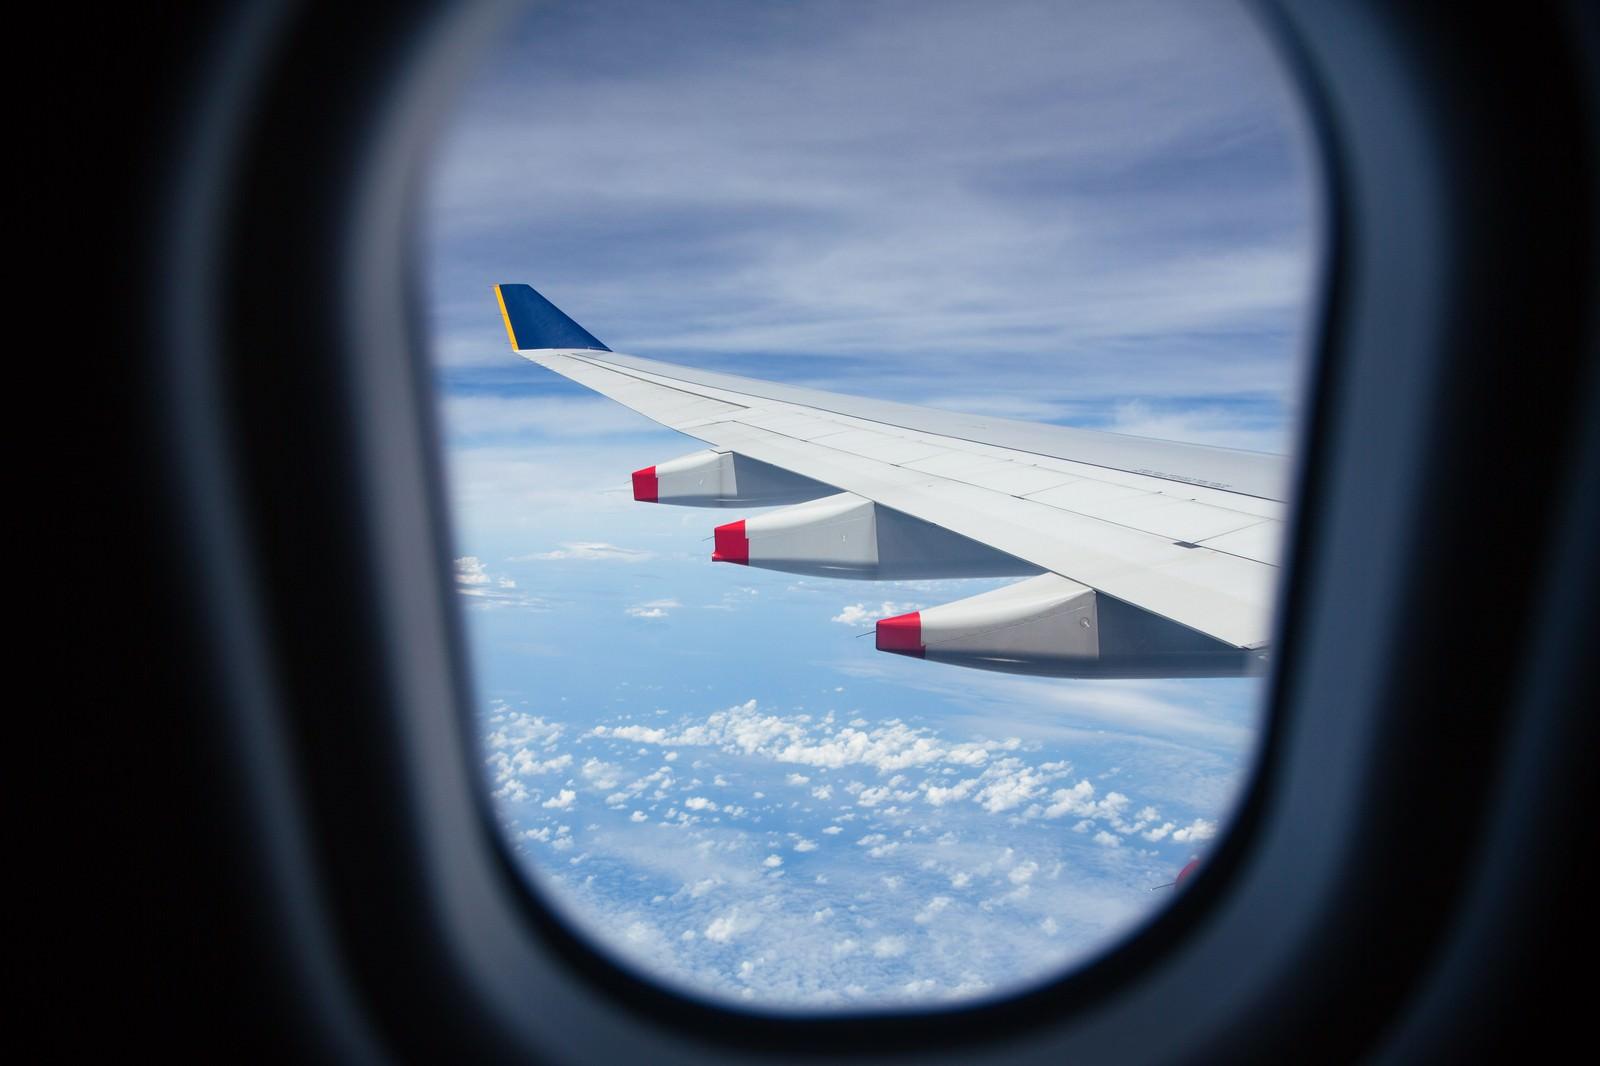 「旅客機の窓から見える翼」の写真